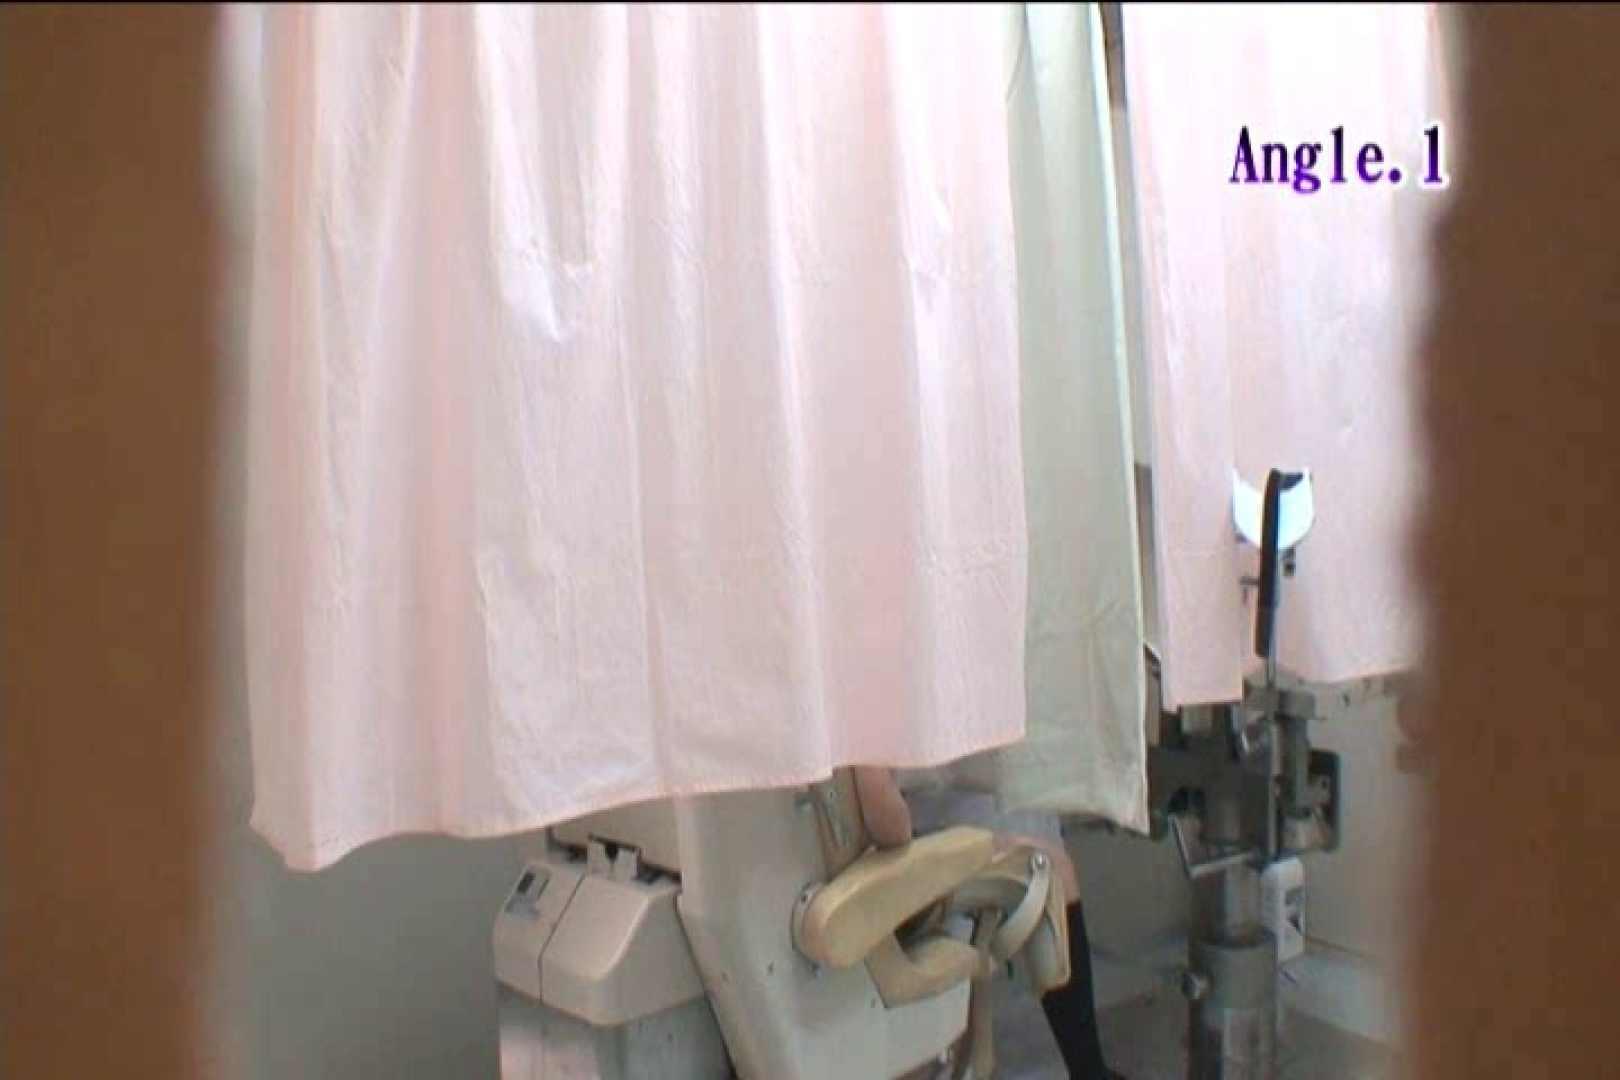 患者のおまんこをコレクションする変態医師の流出映像Vol.2 おまんこ無修正 エロ無料画像 86画像 26